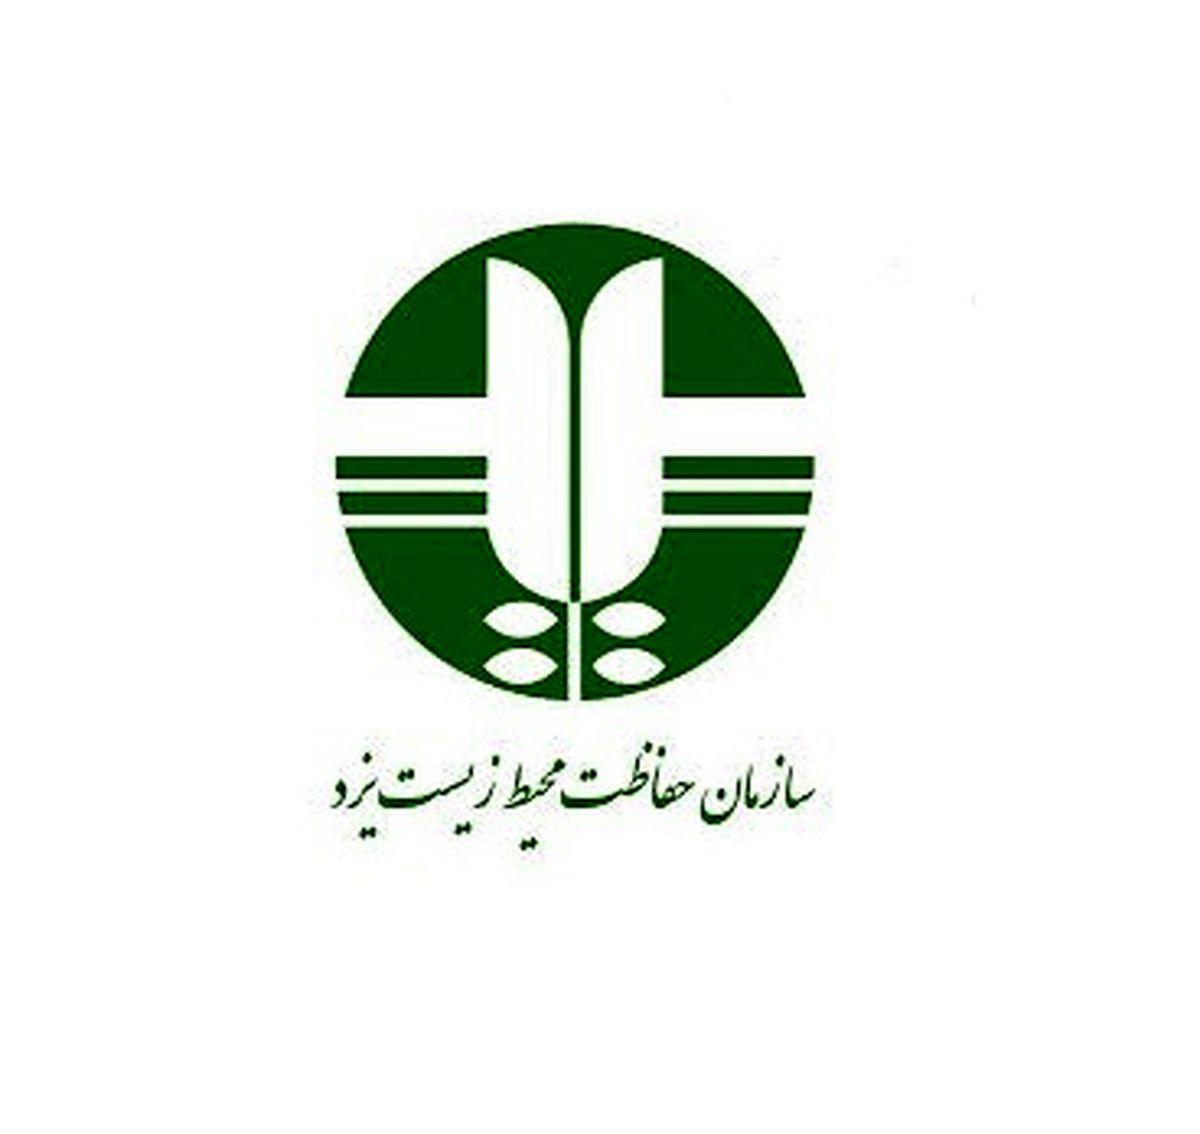 نشست هم اندیشی بین المللی با هدف پیشگیری از آلودگی آب و هوا به میزبانی یزد